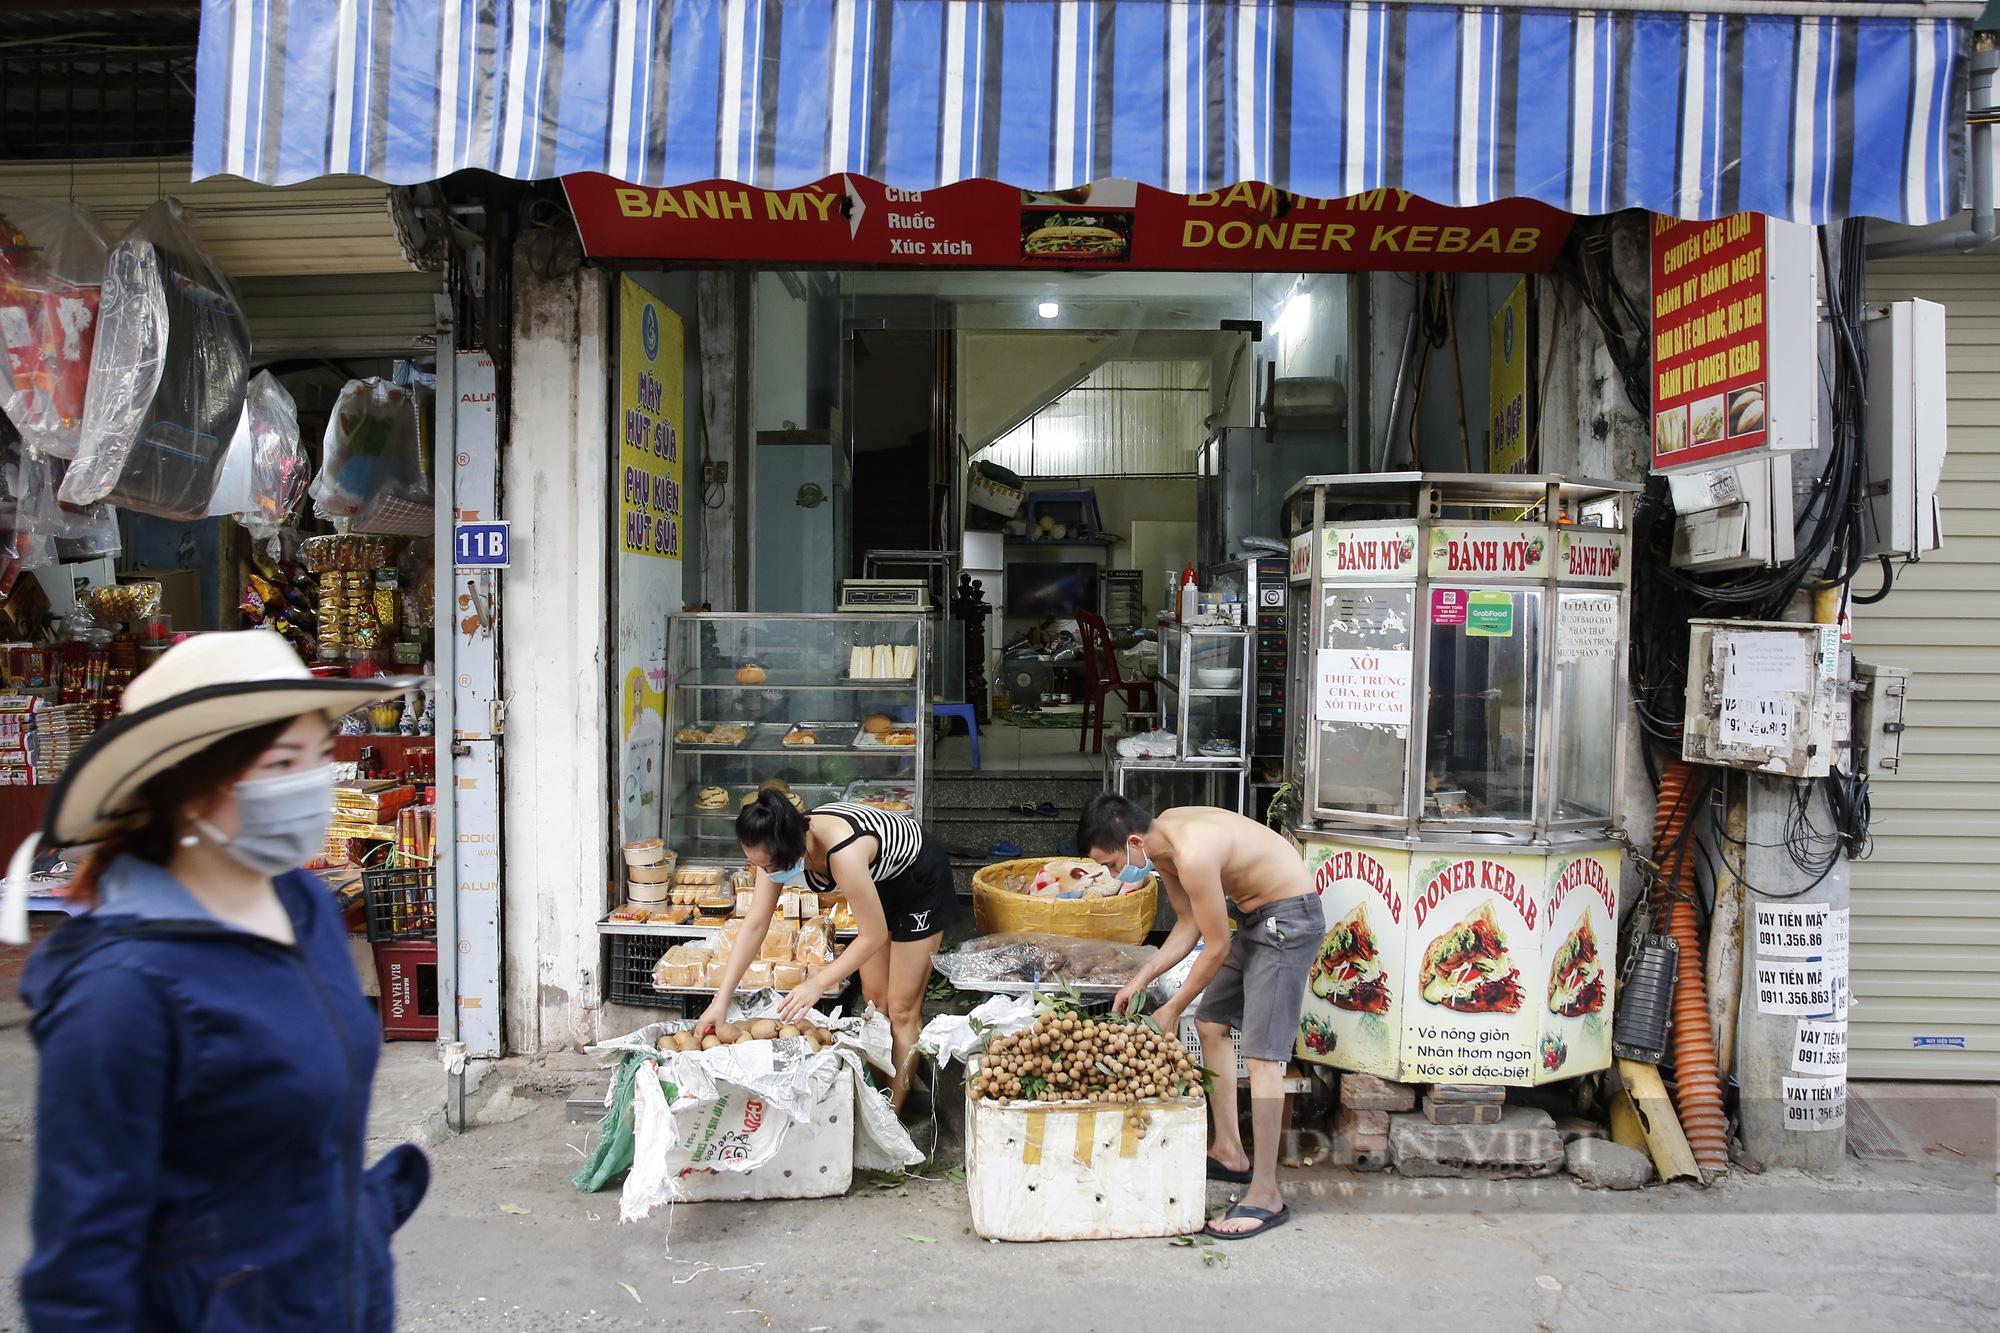 Hà Nội: Nhà hàng, quán cà phê, tiệm cắt tóc... chuyển sang bán thực phẩm thiết yếu - Ảnh 5.